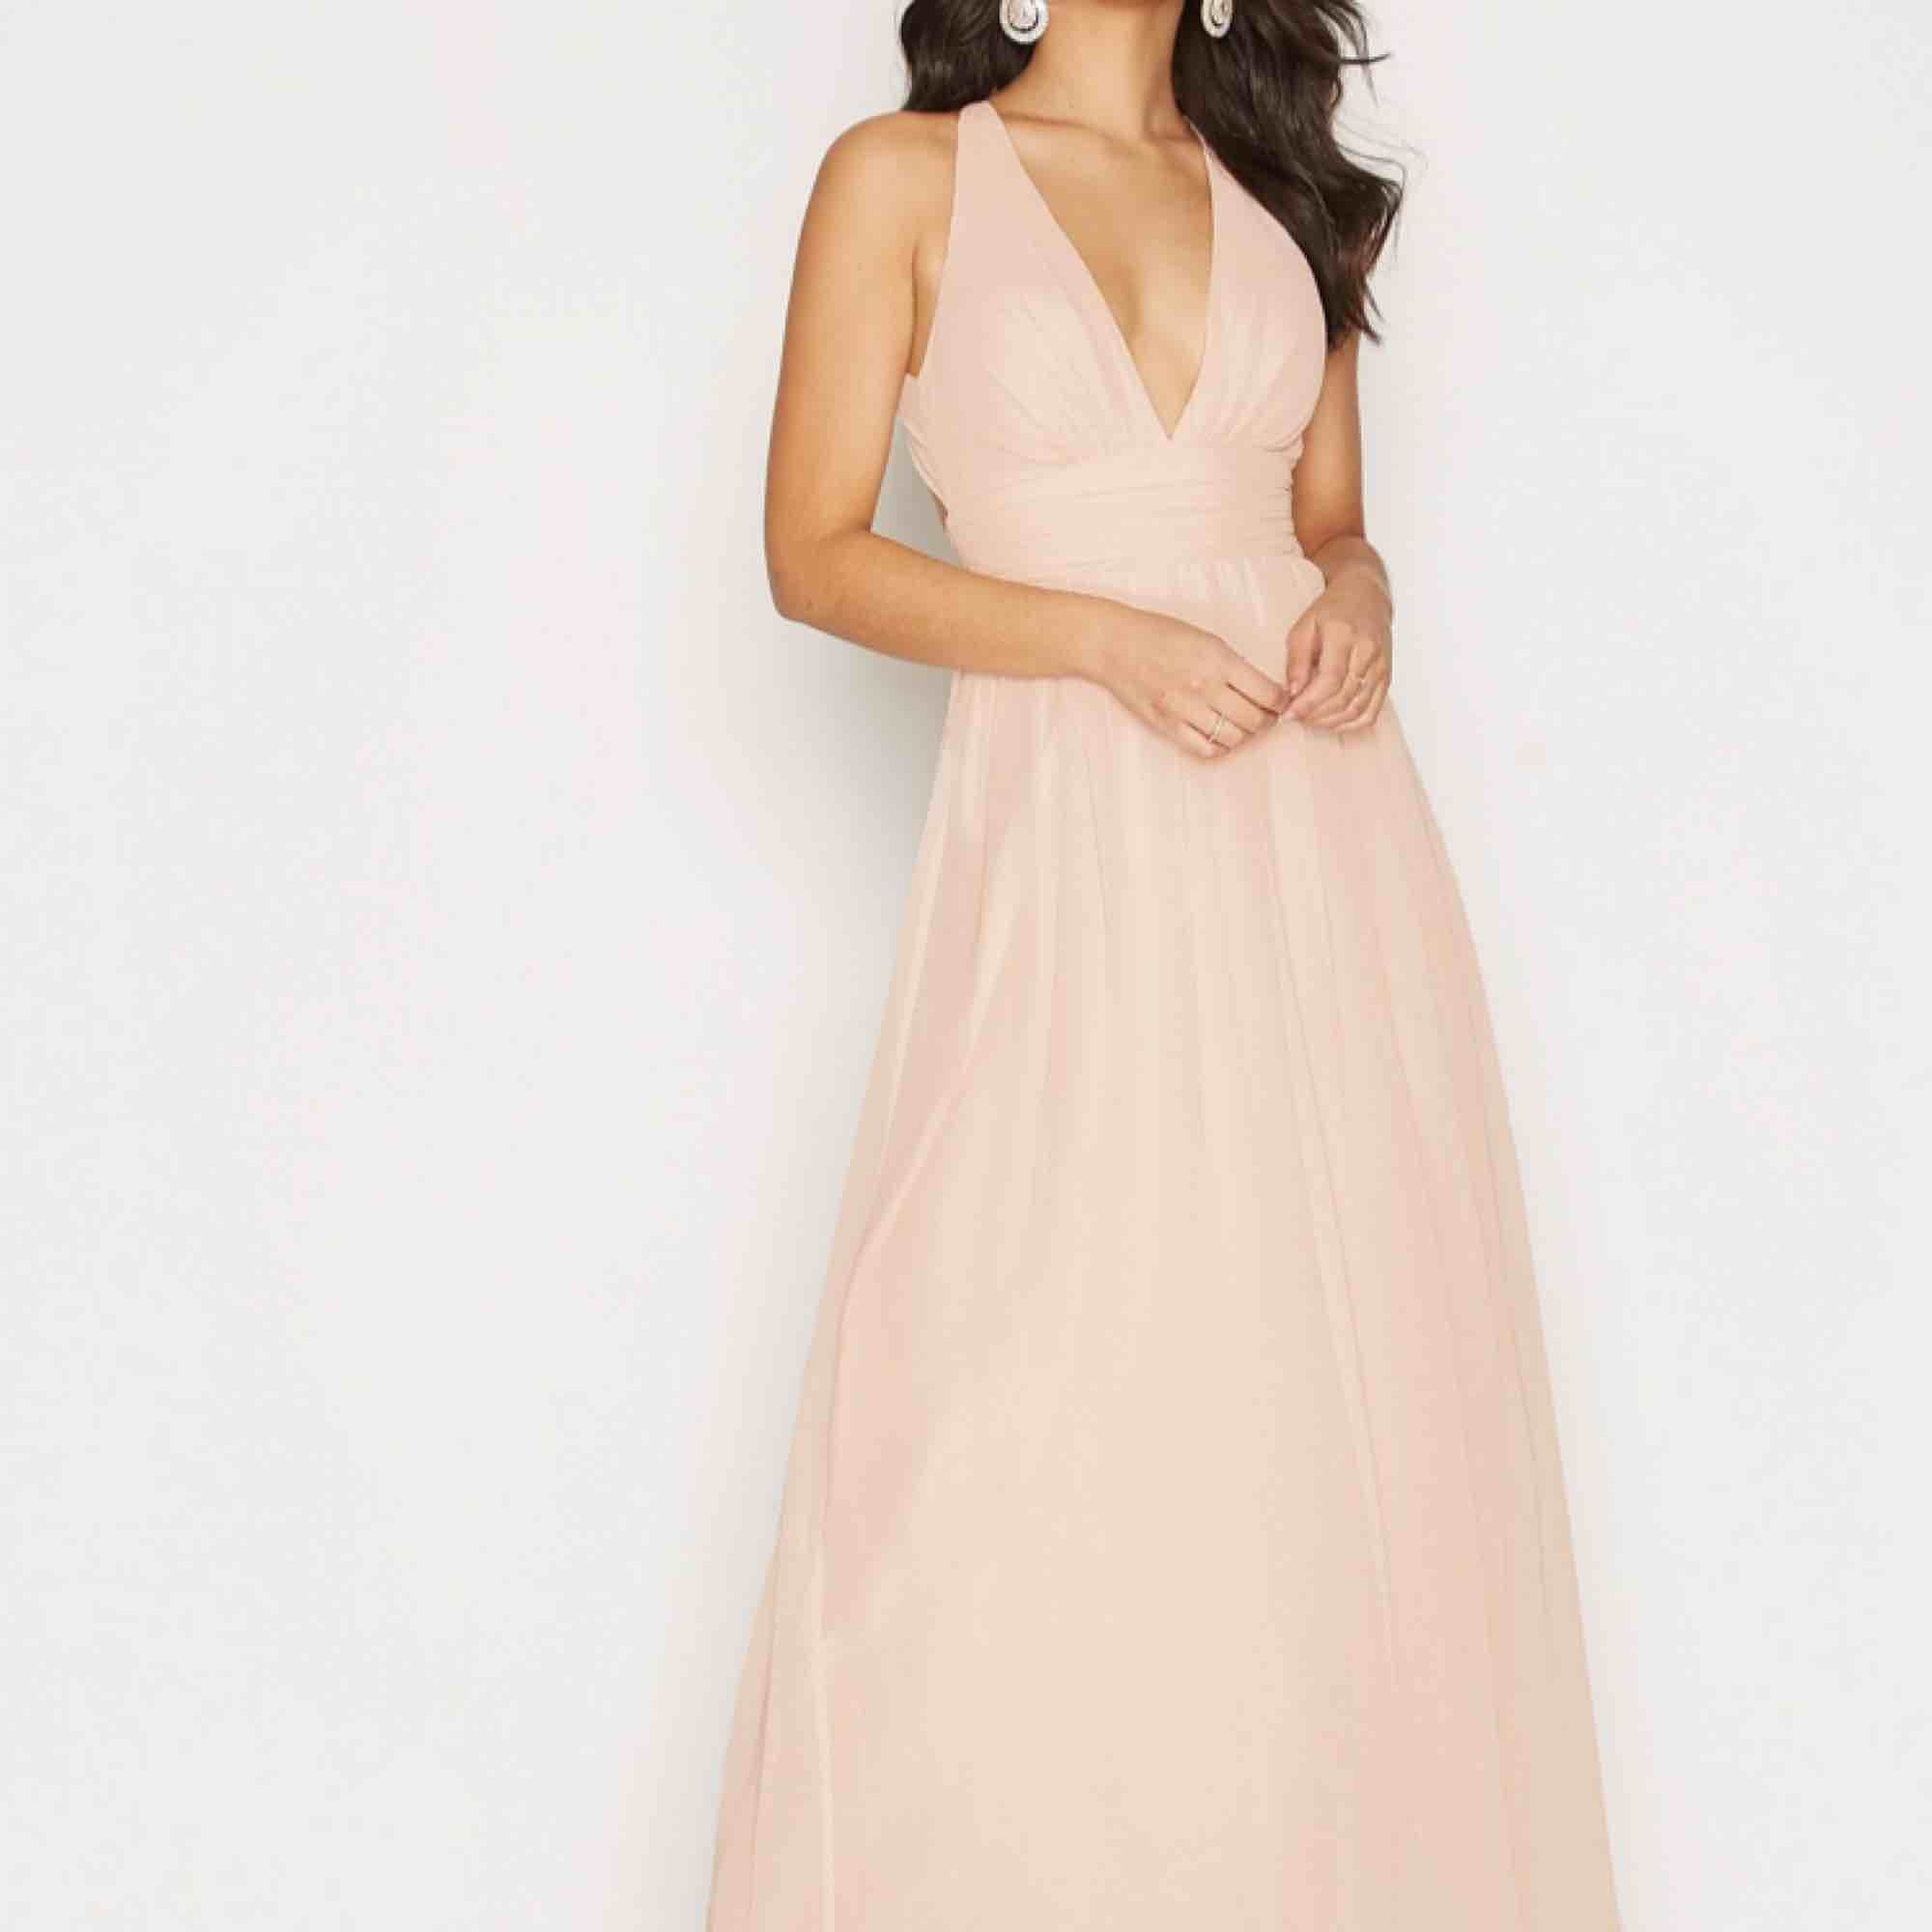 En jättefin klänning perfekt till balen🌸 Älskar klänningen men funkar inte riktigt med min hudton, den är endast provad och aldrig använd.  Kan mötas upp i Örebro annars tillkommer frakten💗. Klänningar.